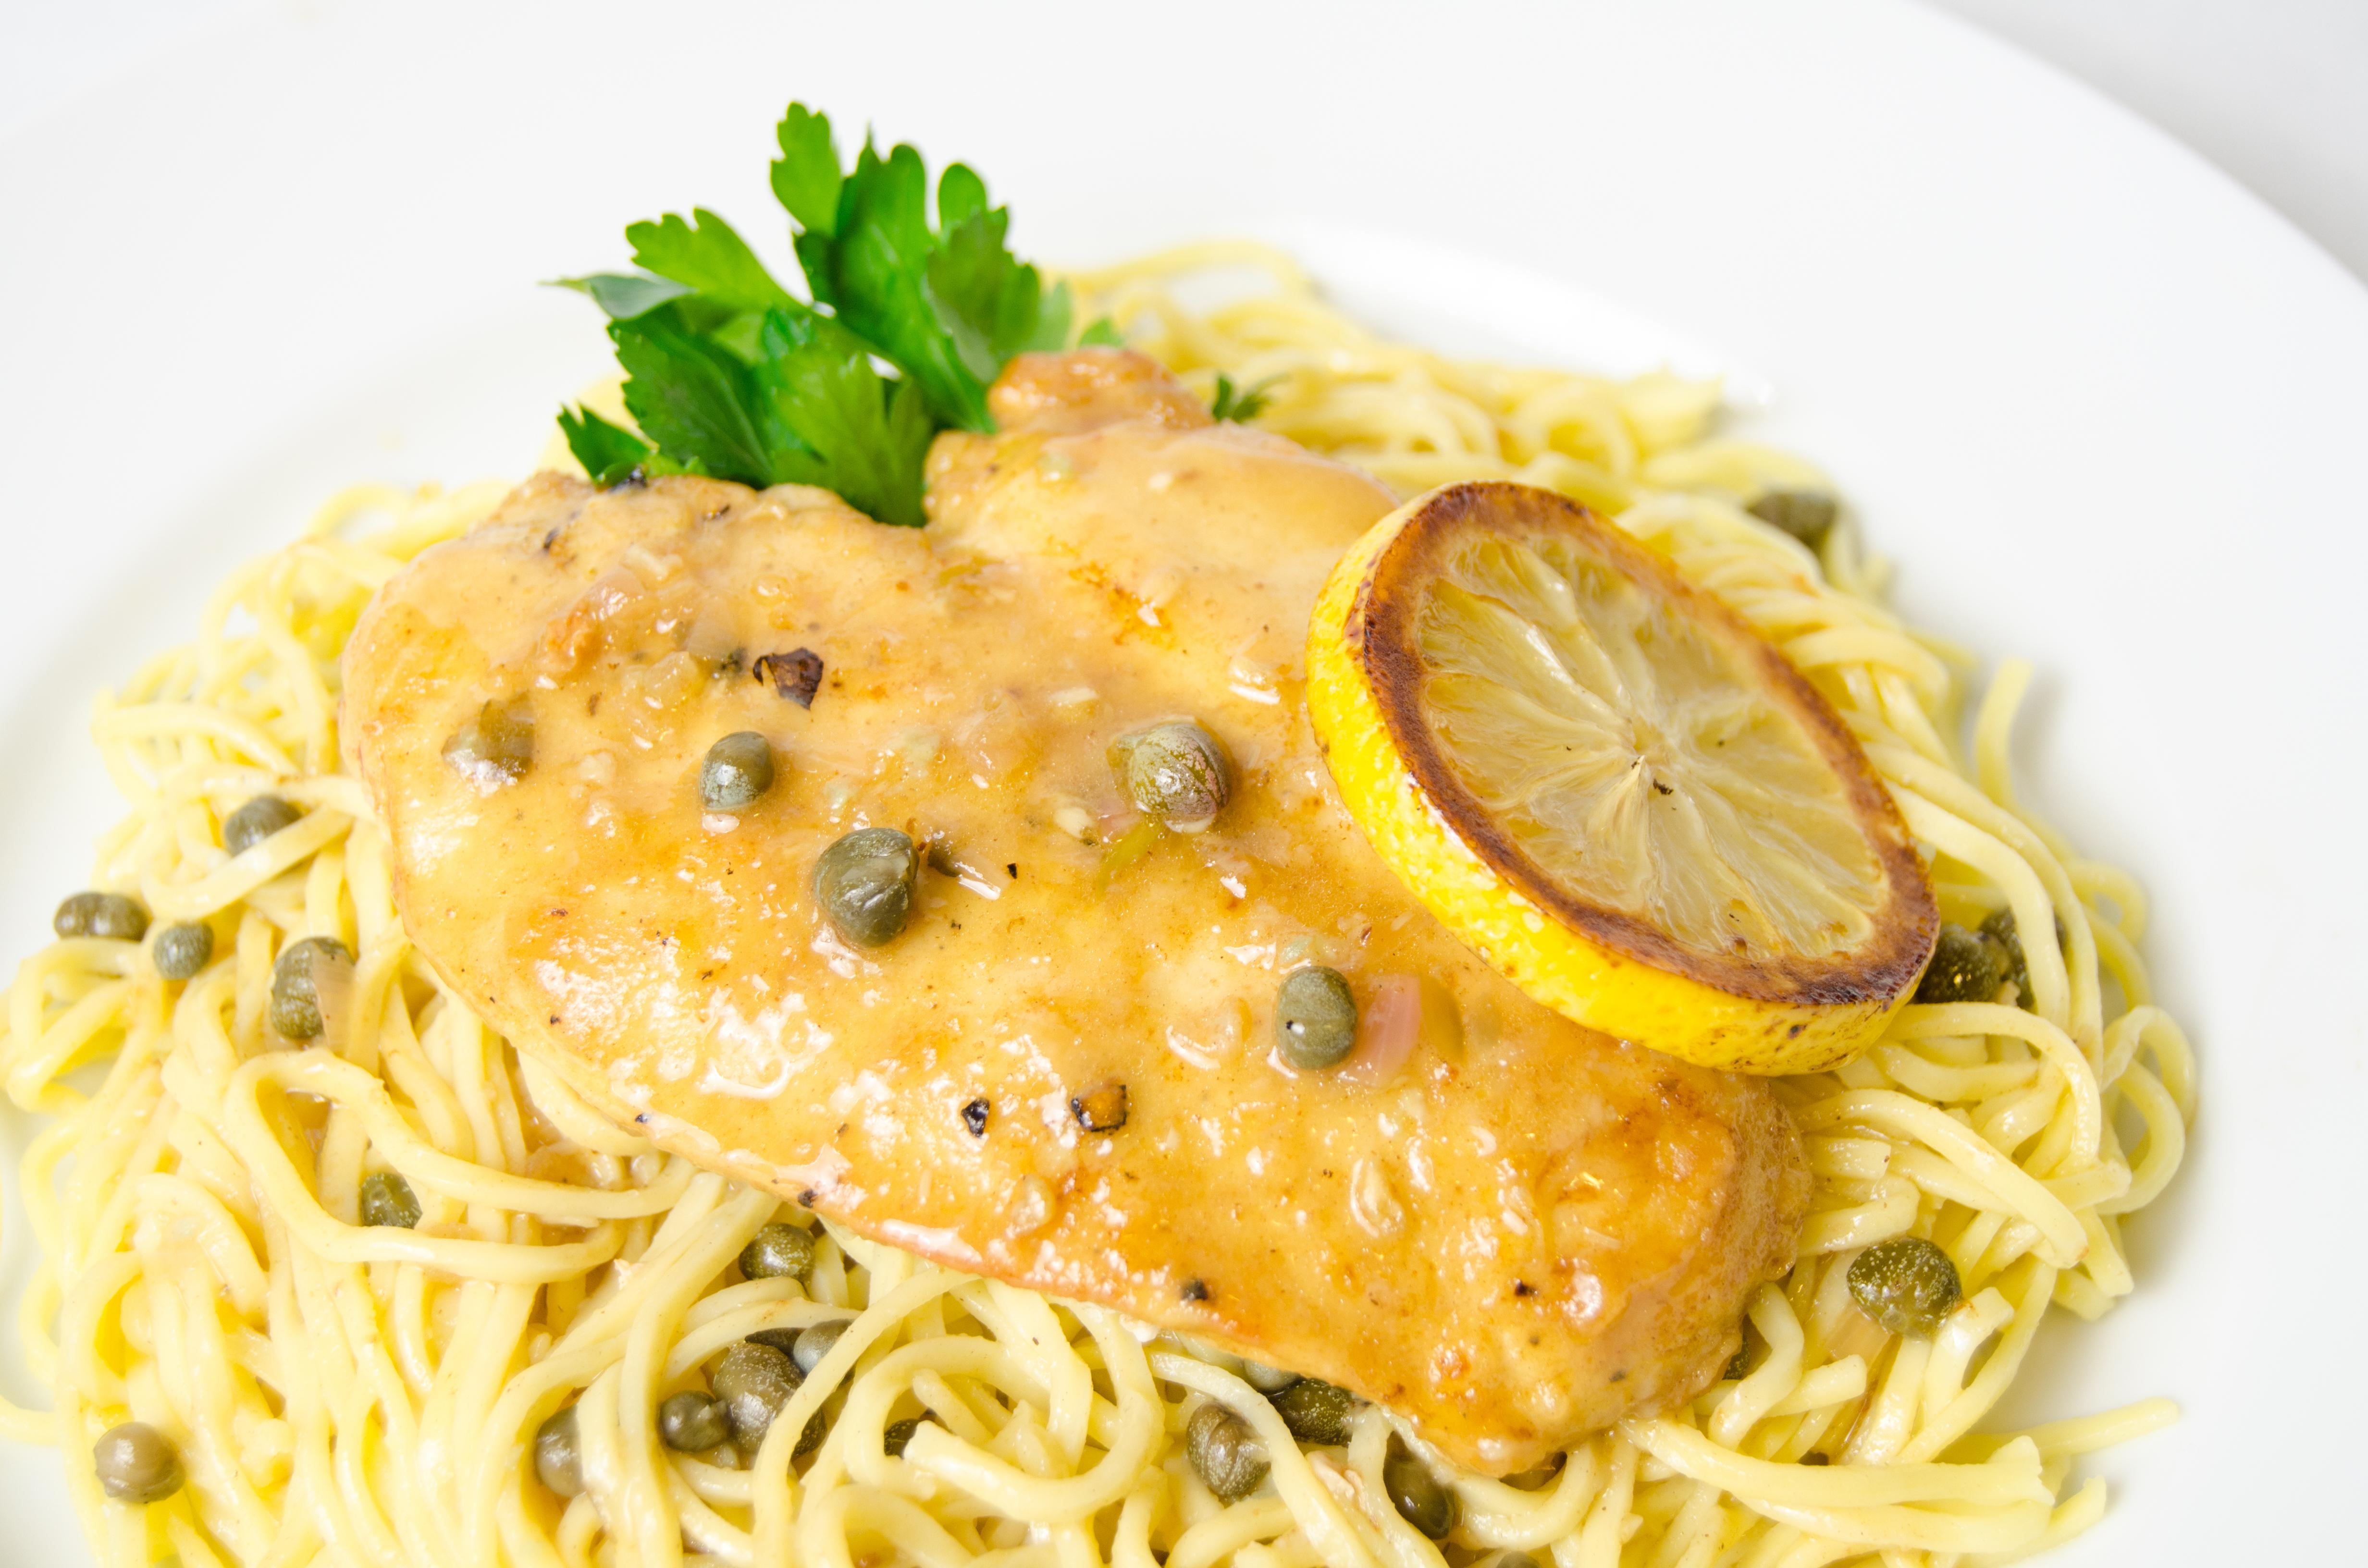 Chicken piccata recipes with artichokes